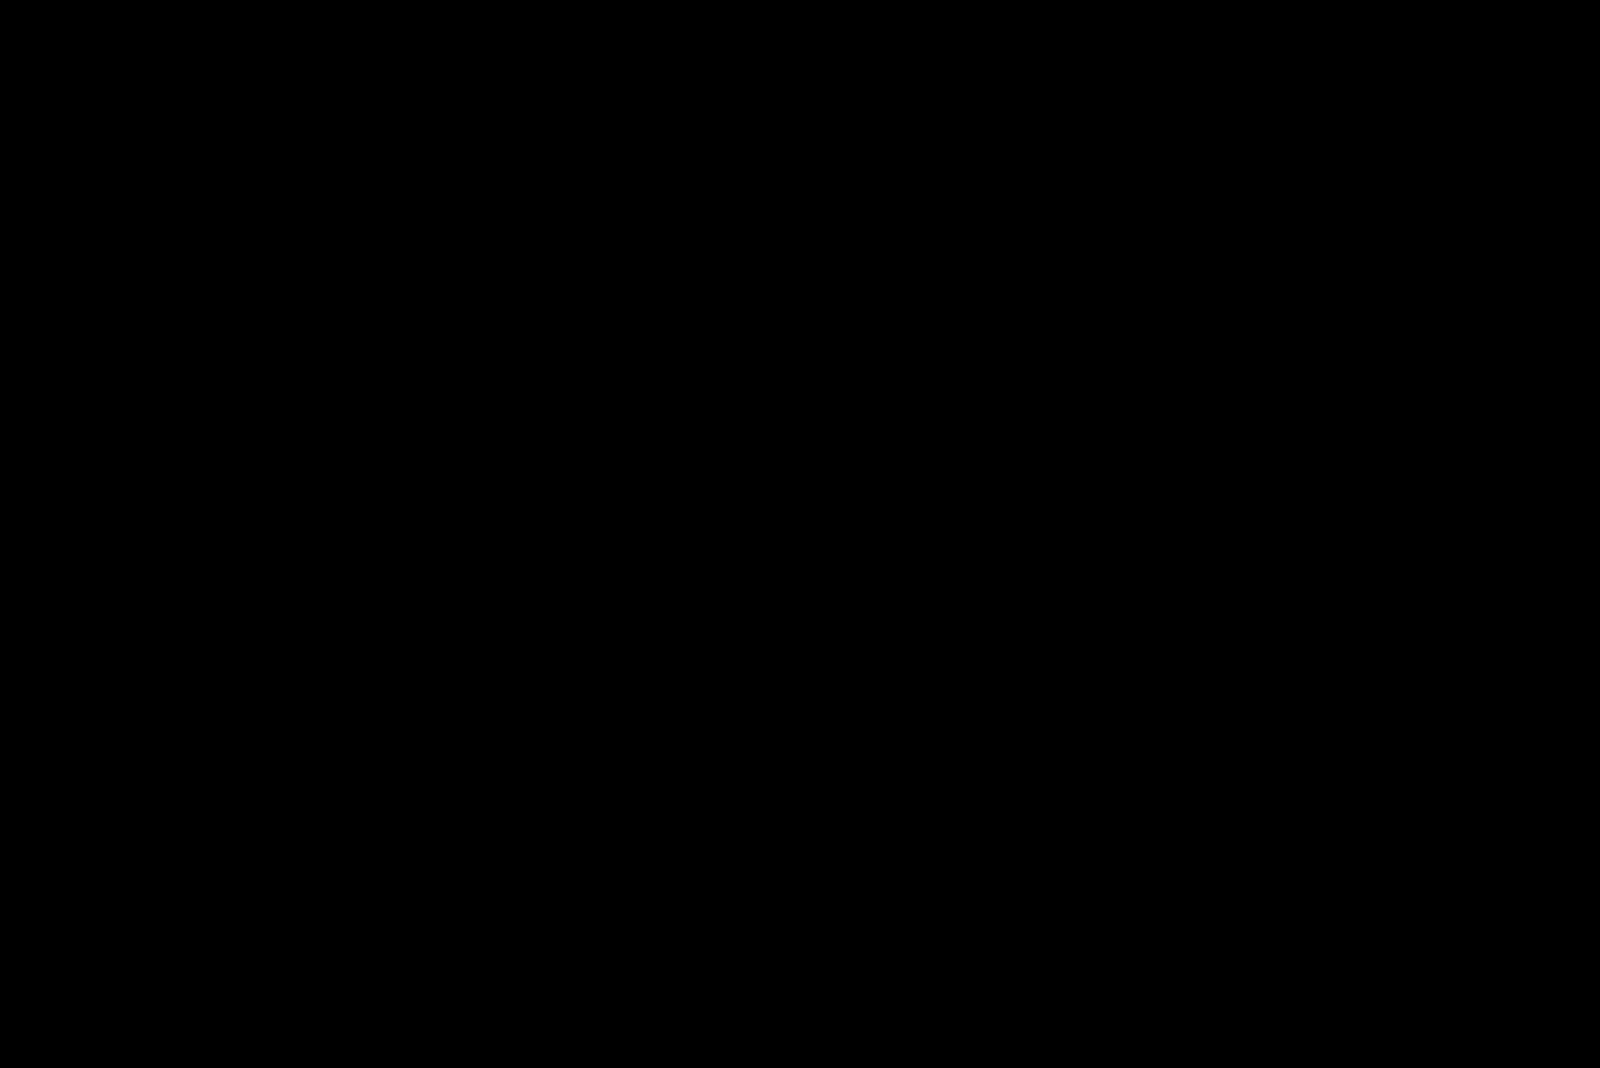 Microfusa es uno de los tres puntos de venta oficiales en España del esperado mixer Model 1 de PLAYdifferently.